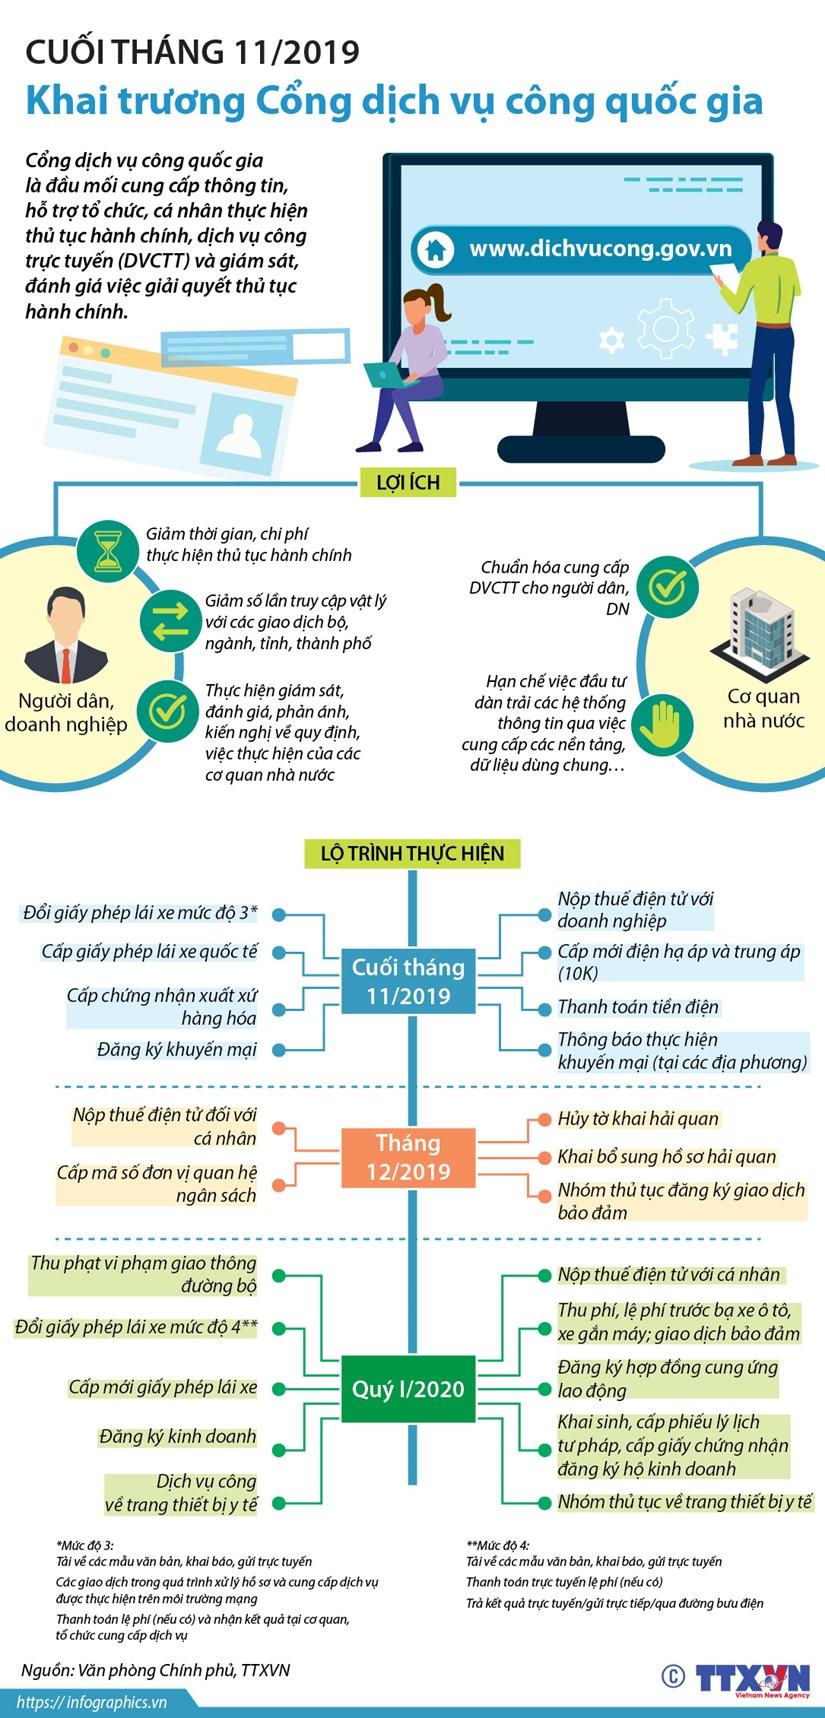 [Infographics] Cuoi thang 11 khai truong Cong dich vu cong quoc gia hinh anh 1